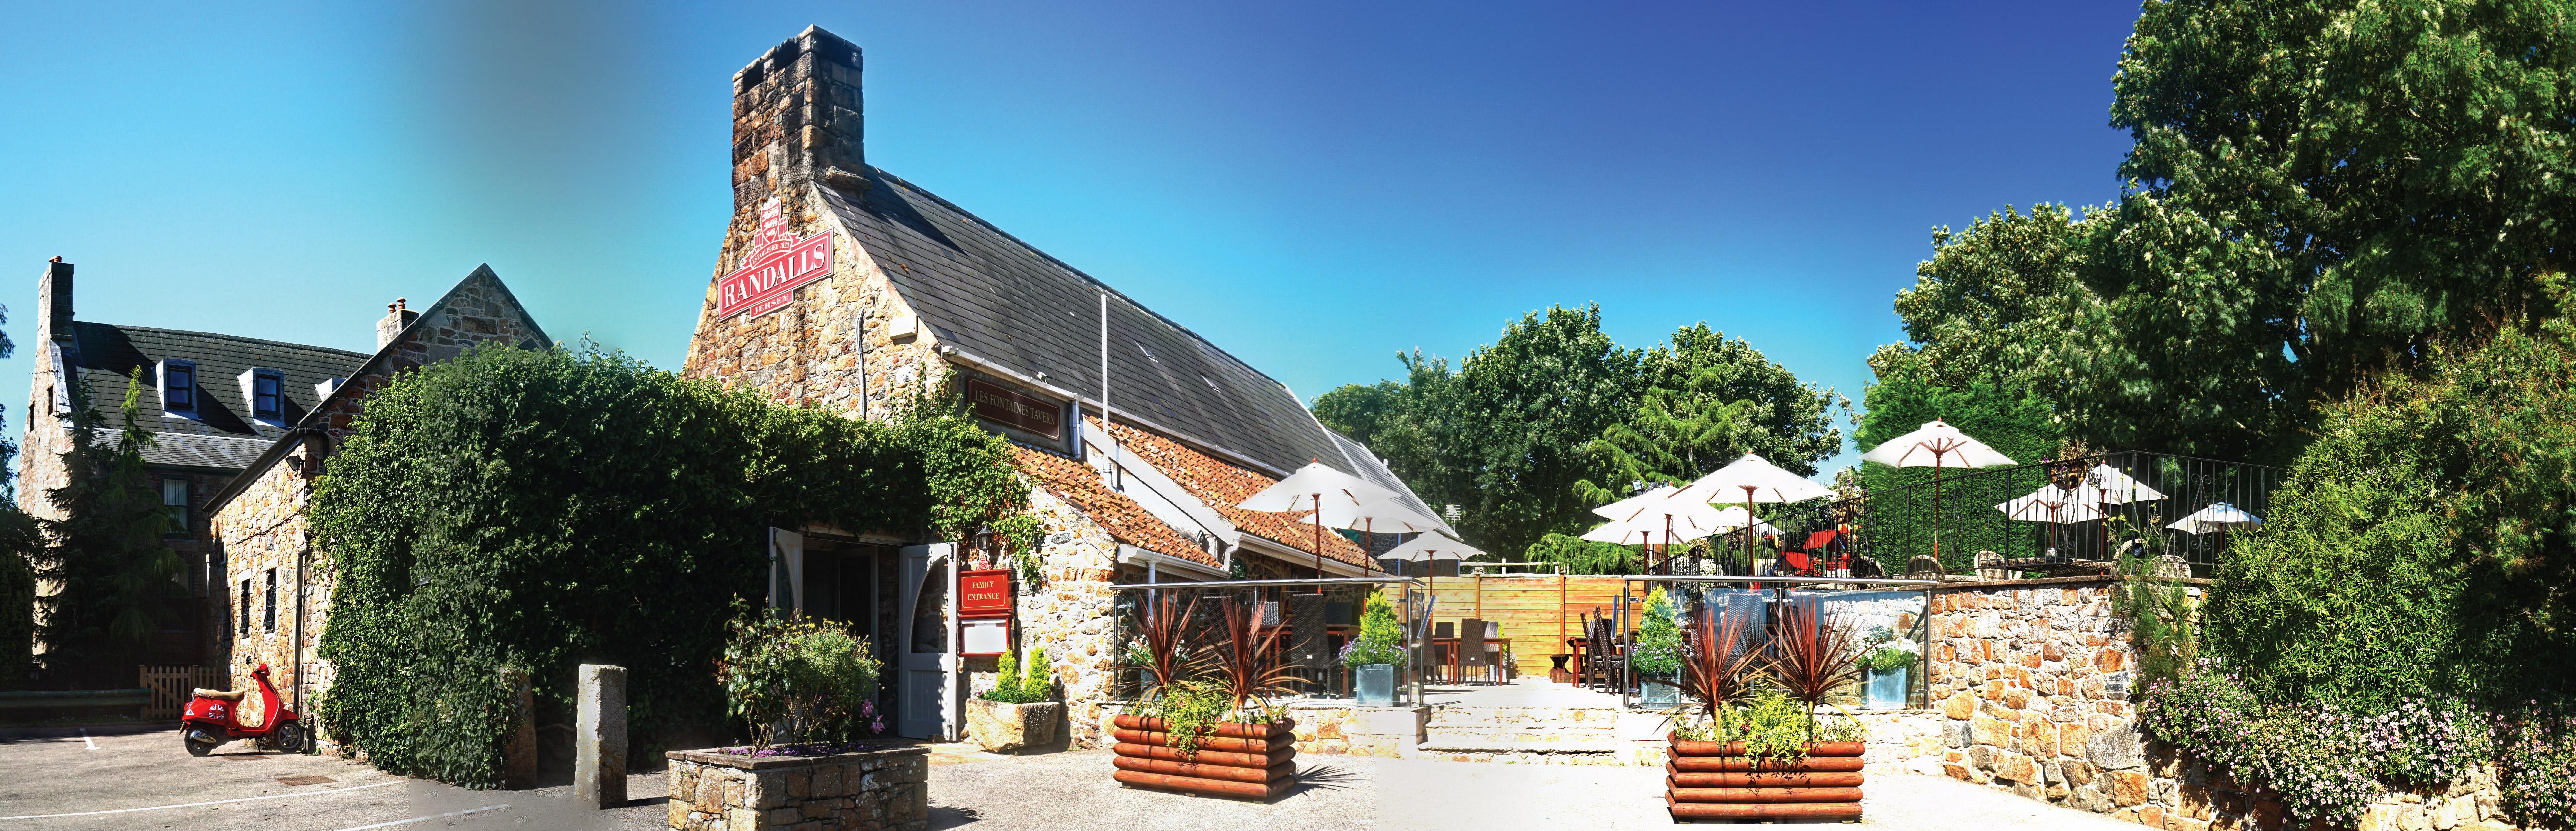 Randalls Les Fontaines Pub and Restaurant